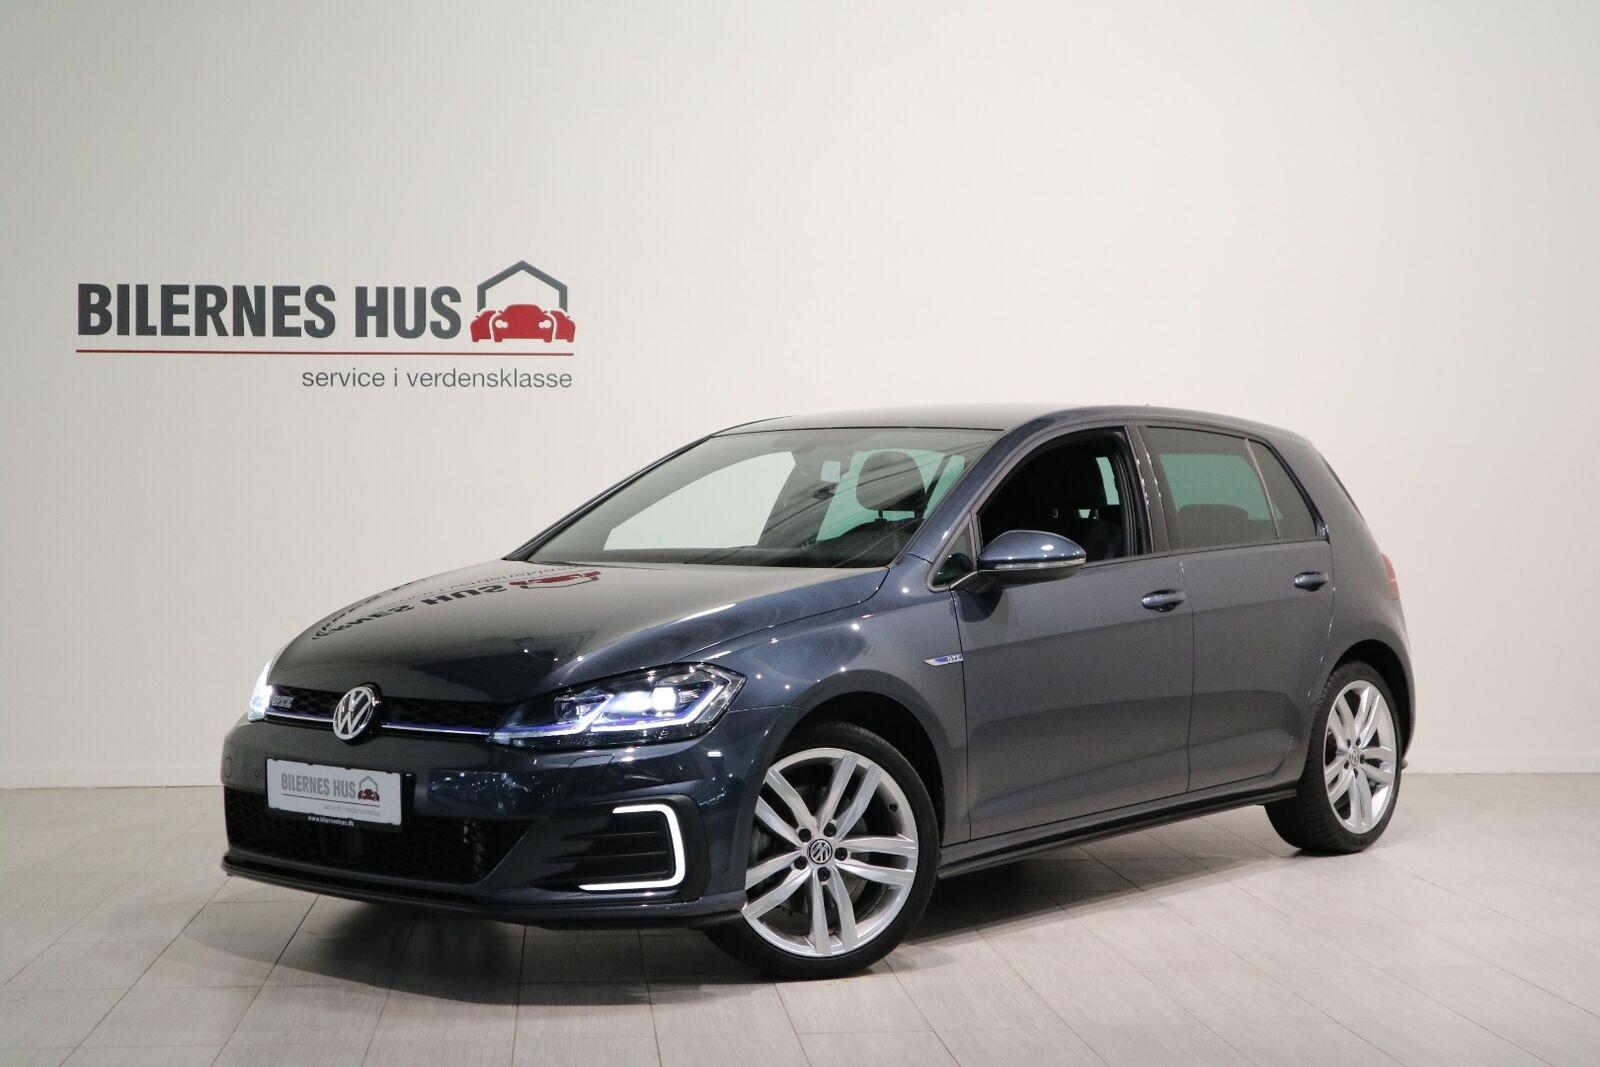 VW Golf VII Billede 5